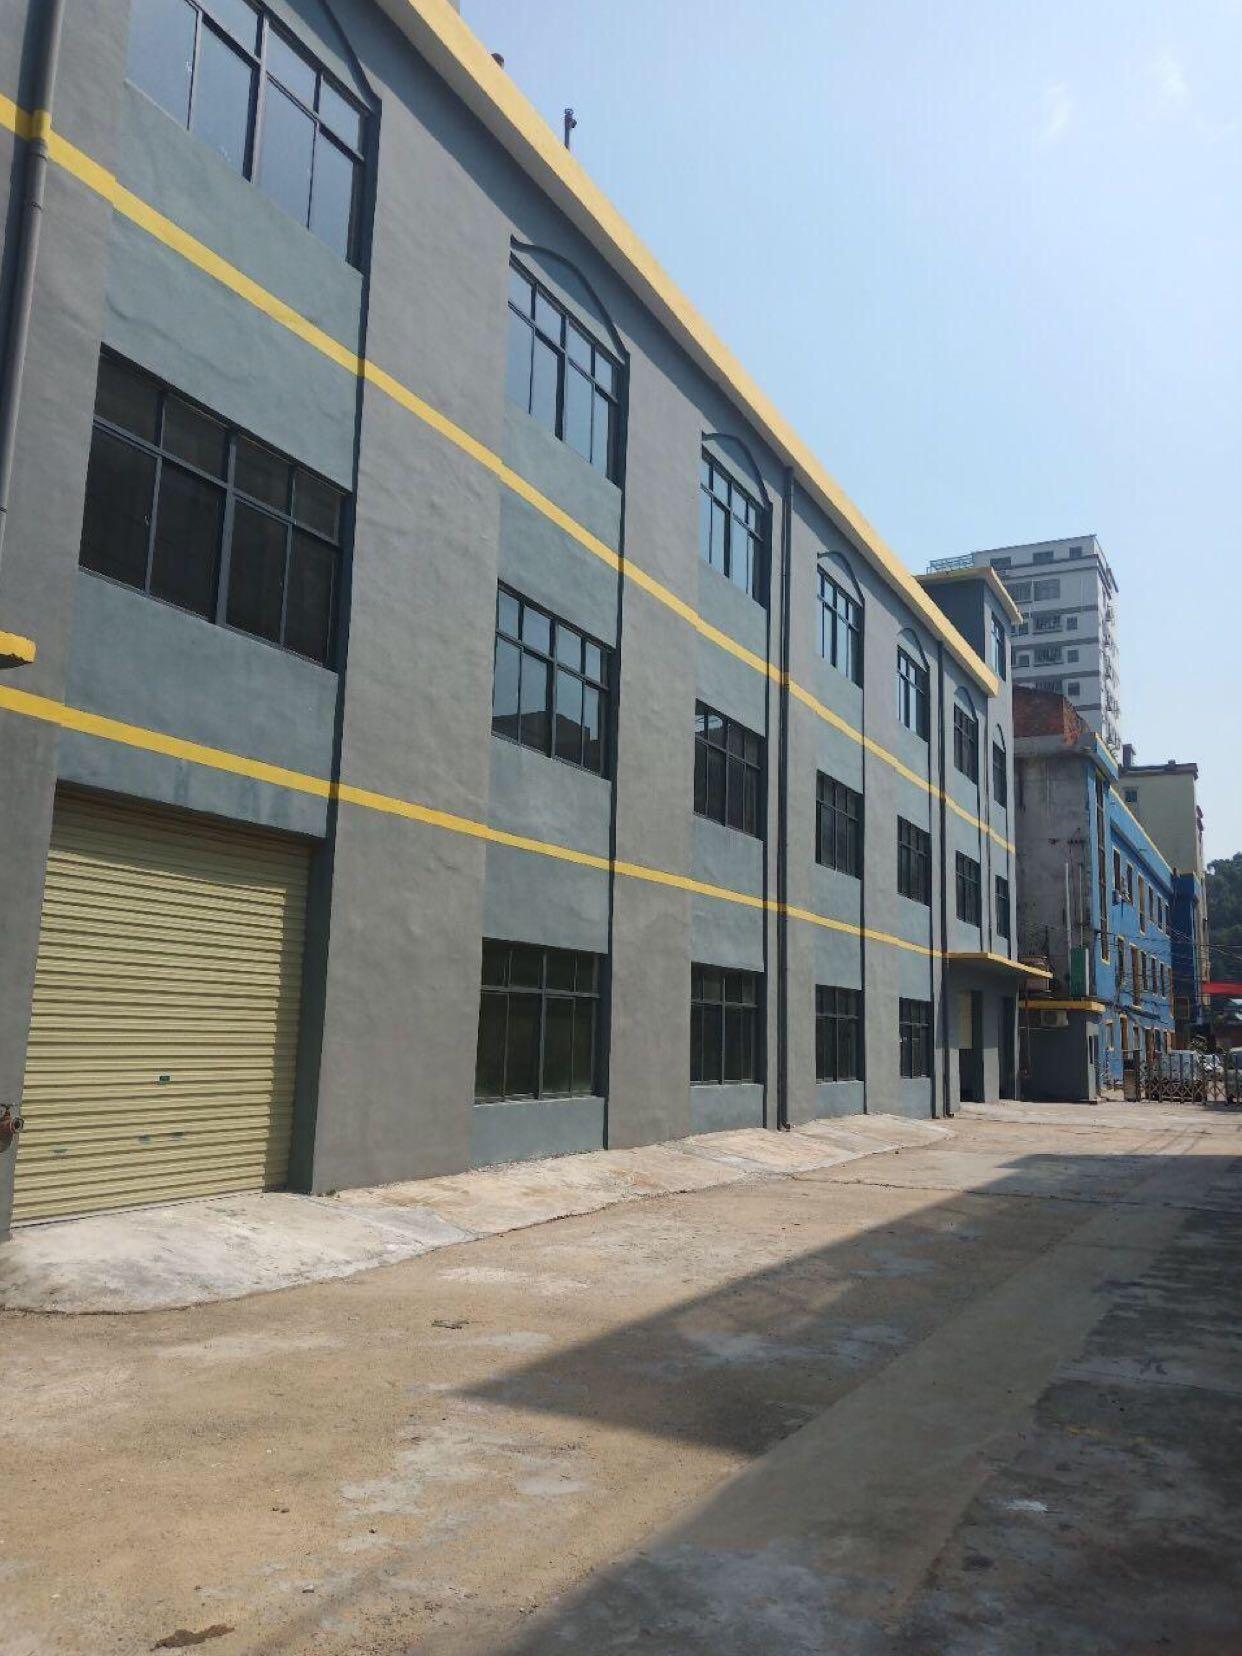 广州黄埔萝岗新出厂房3620平米出租,证件齐全,价格低至31